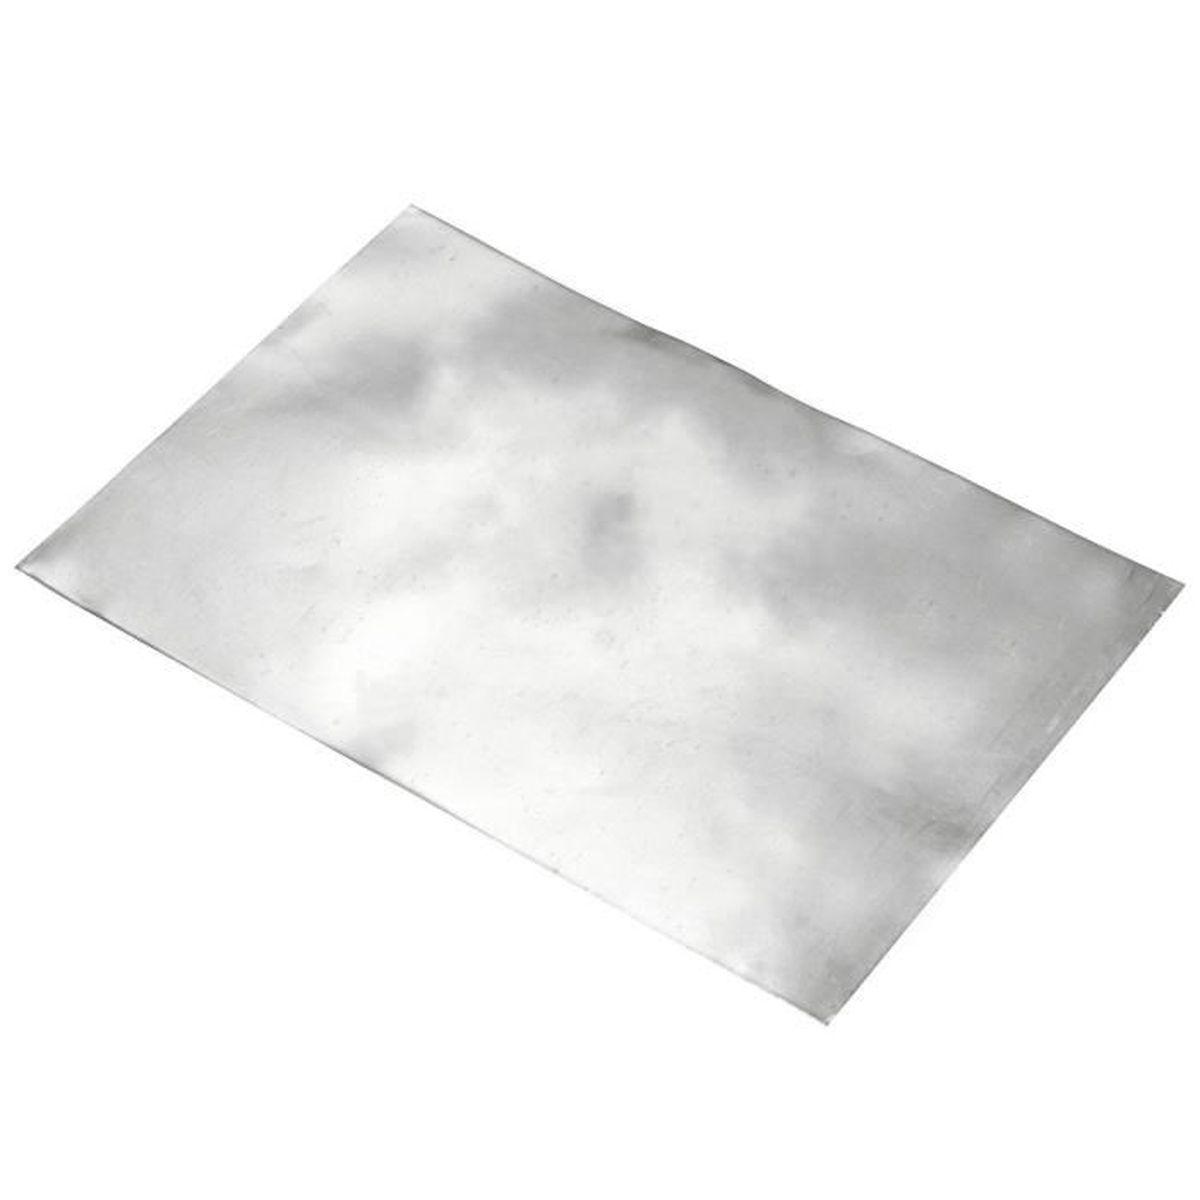 Feuille De Zinc Pour Cuisine zinc zn feuille plaque 150×100×0.3mm pr science chimie